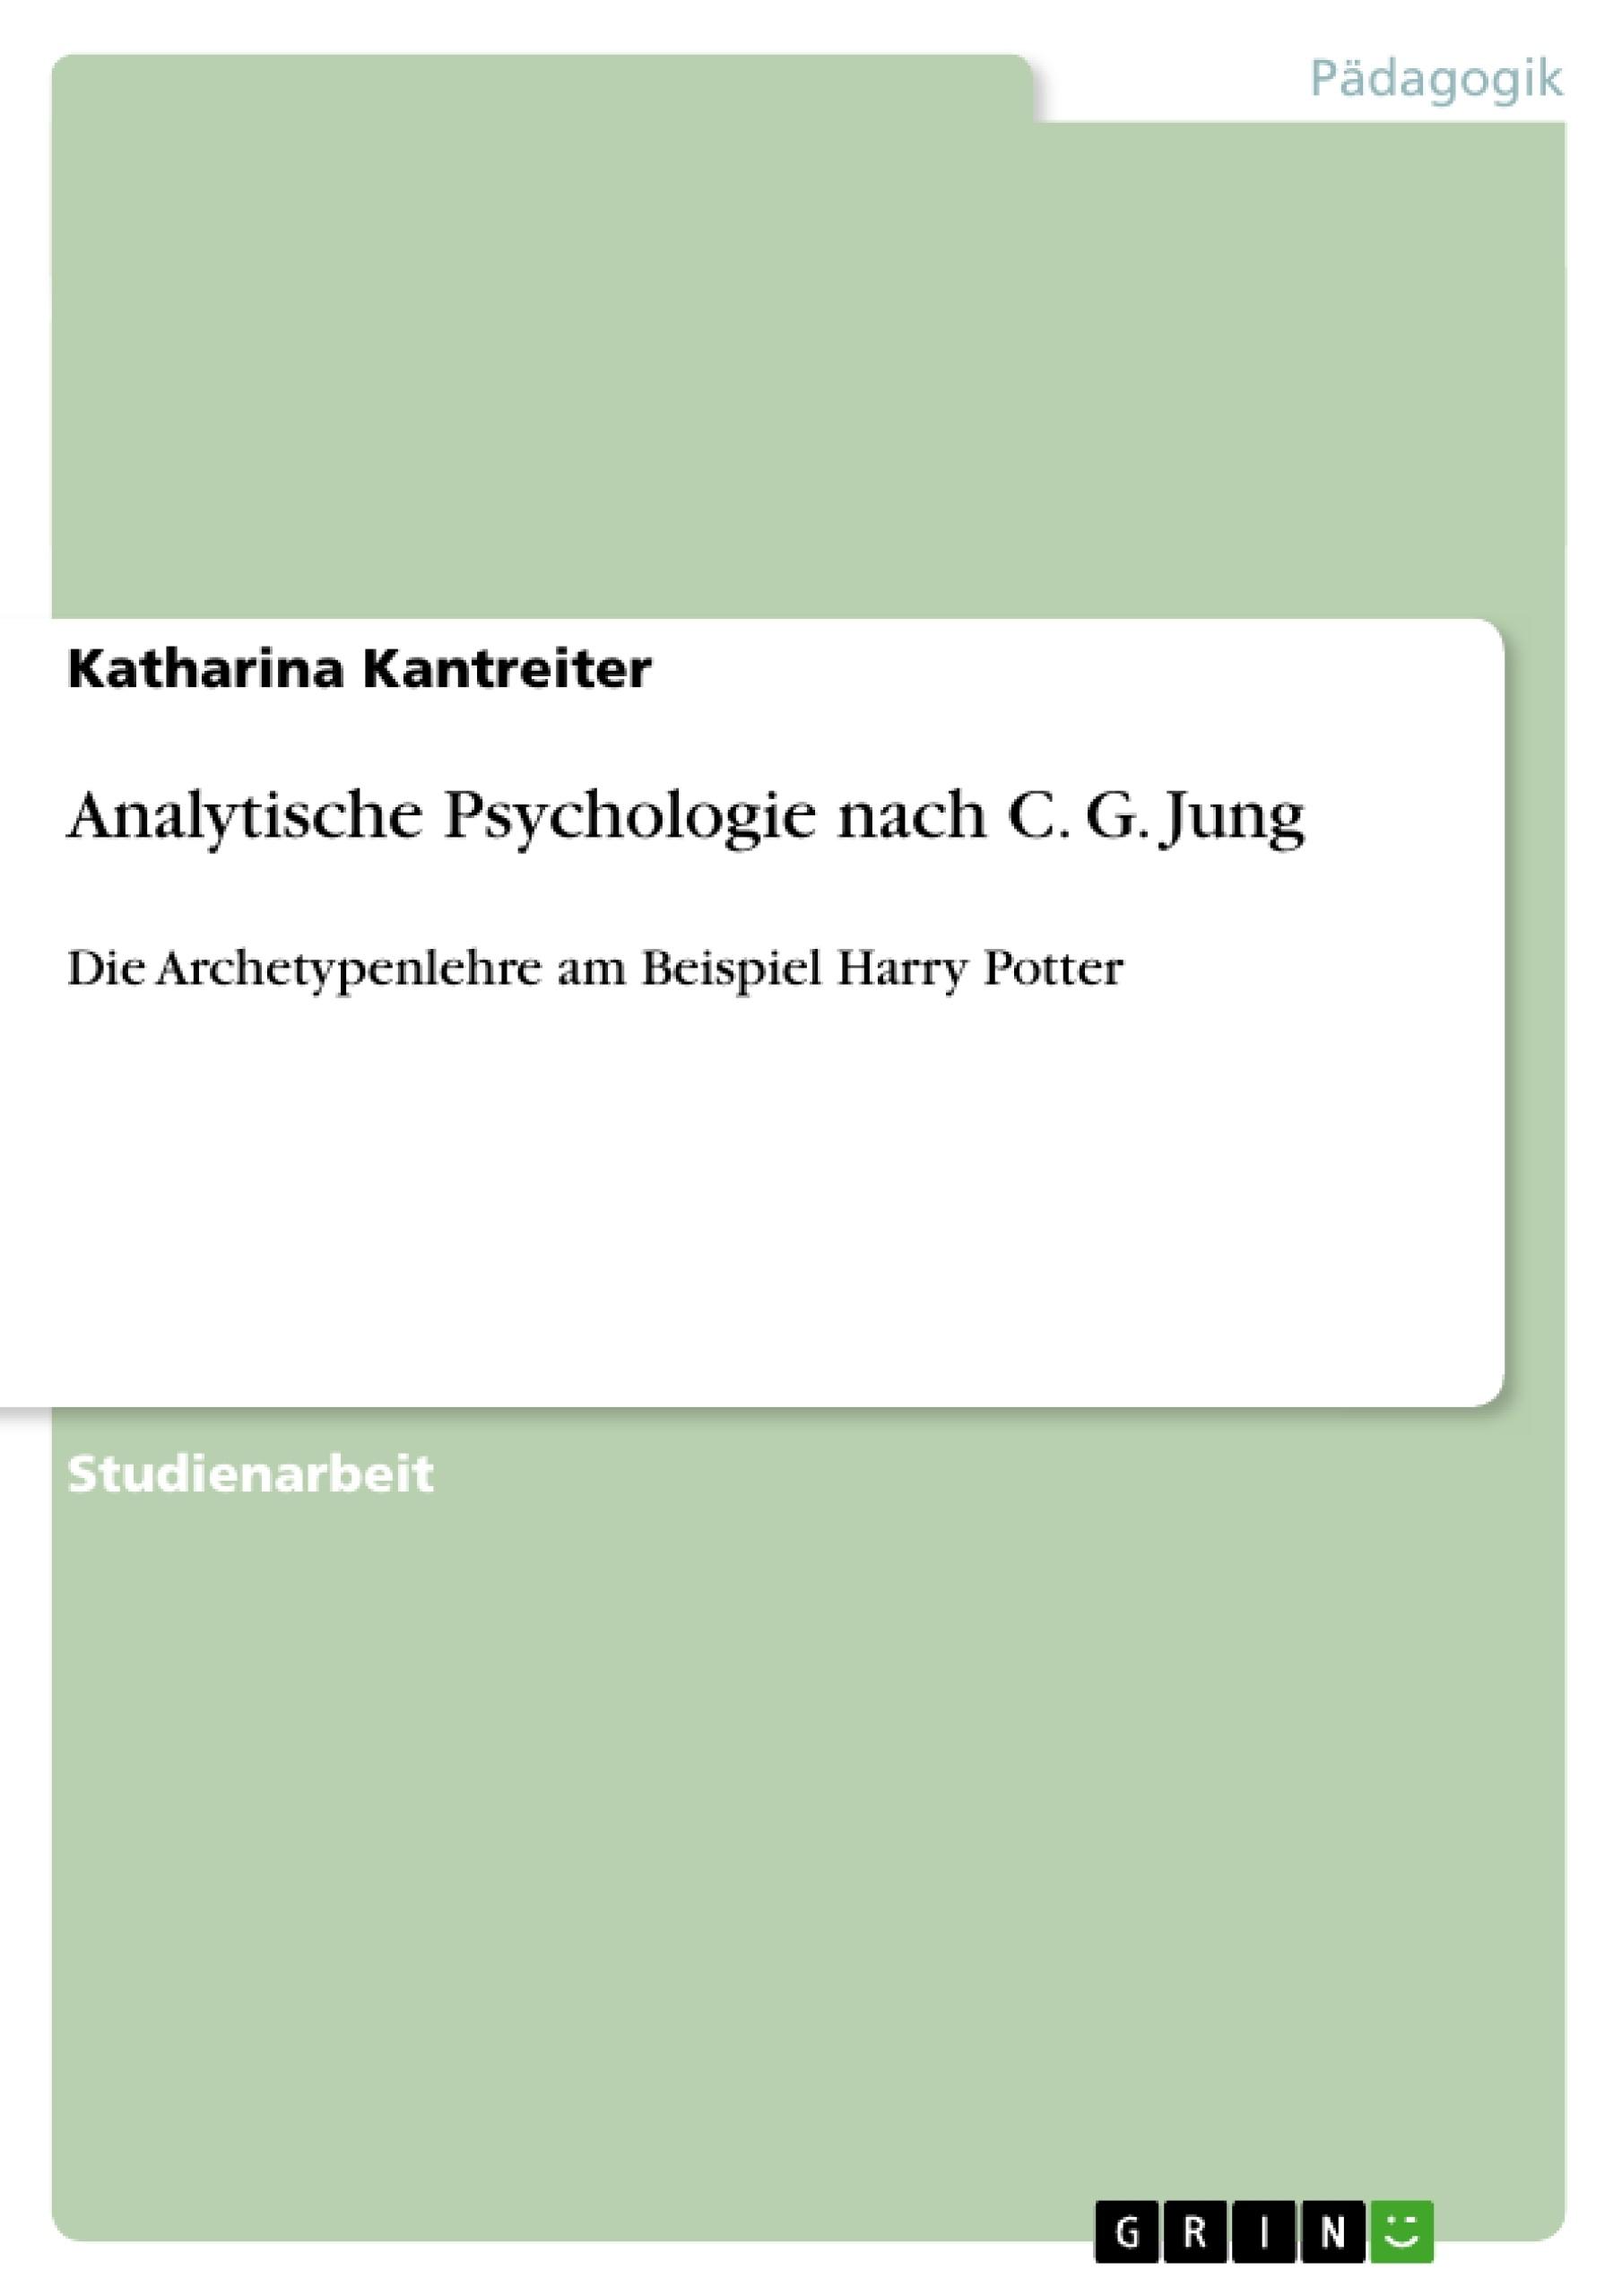 Titel: Analytische Psychologie nach C. G. Jung